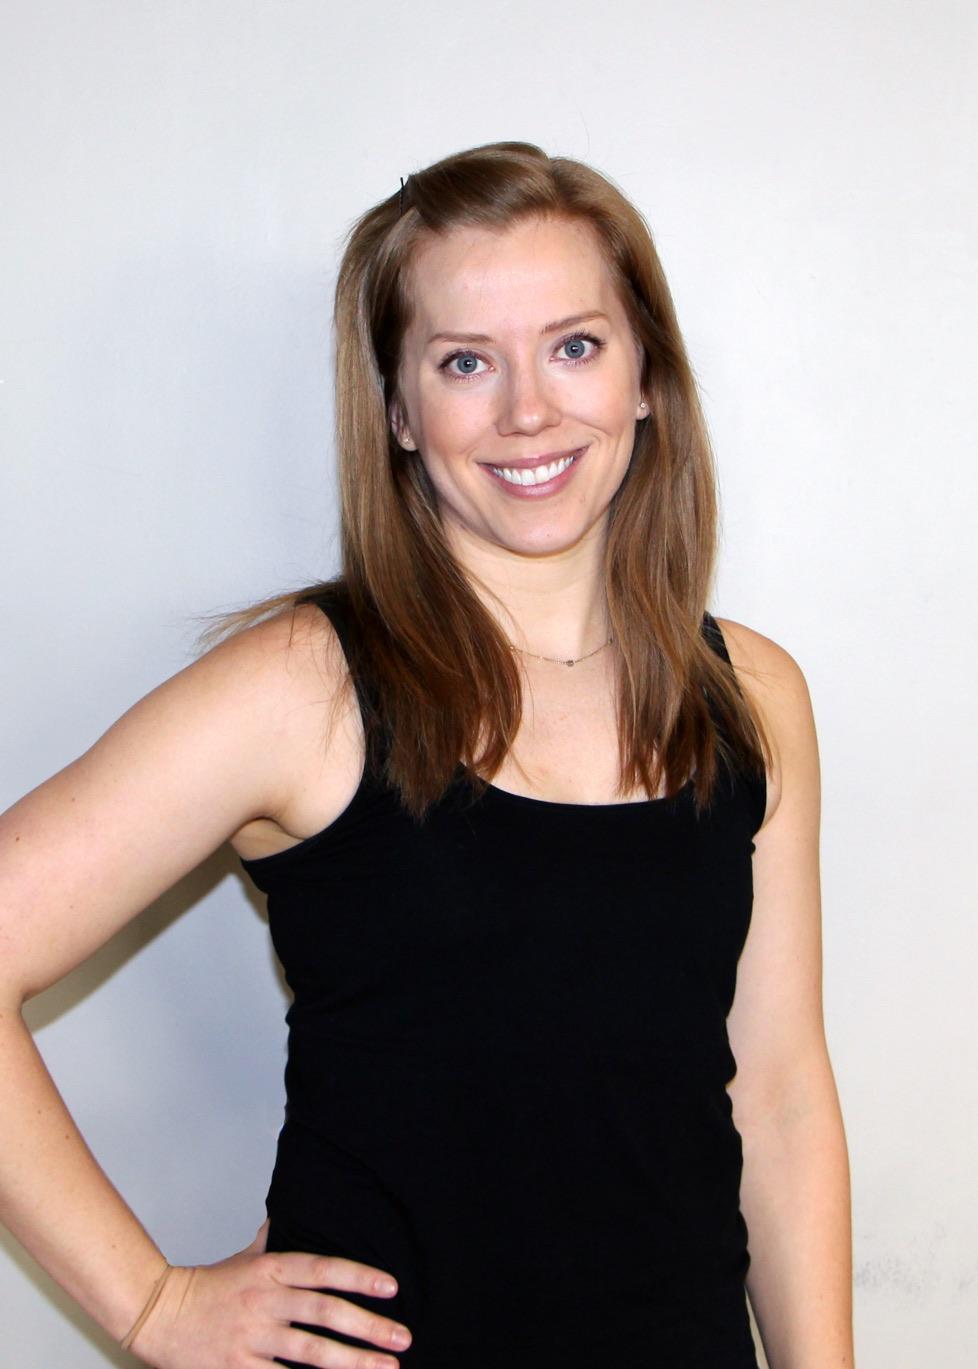 Amy O'Bannon